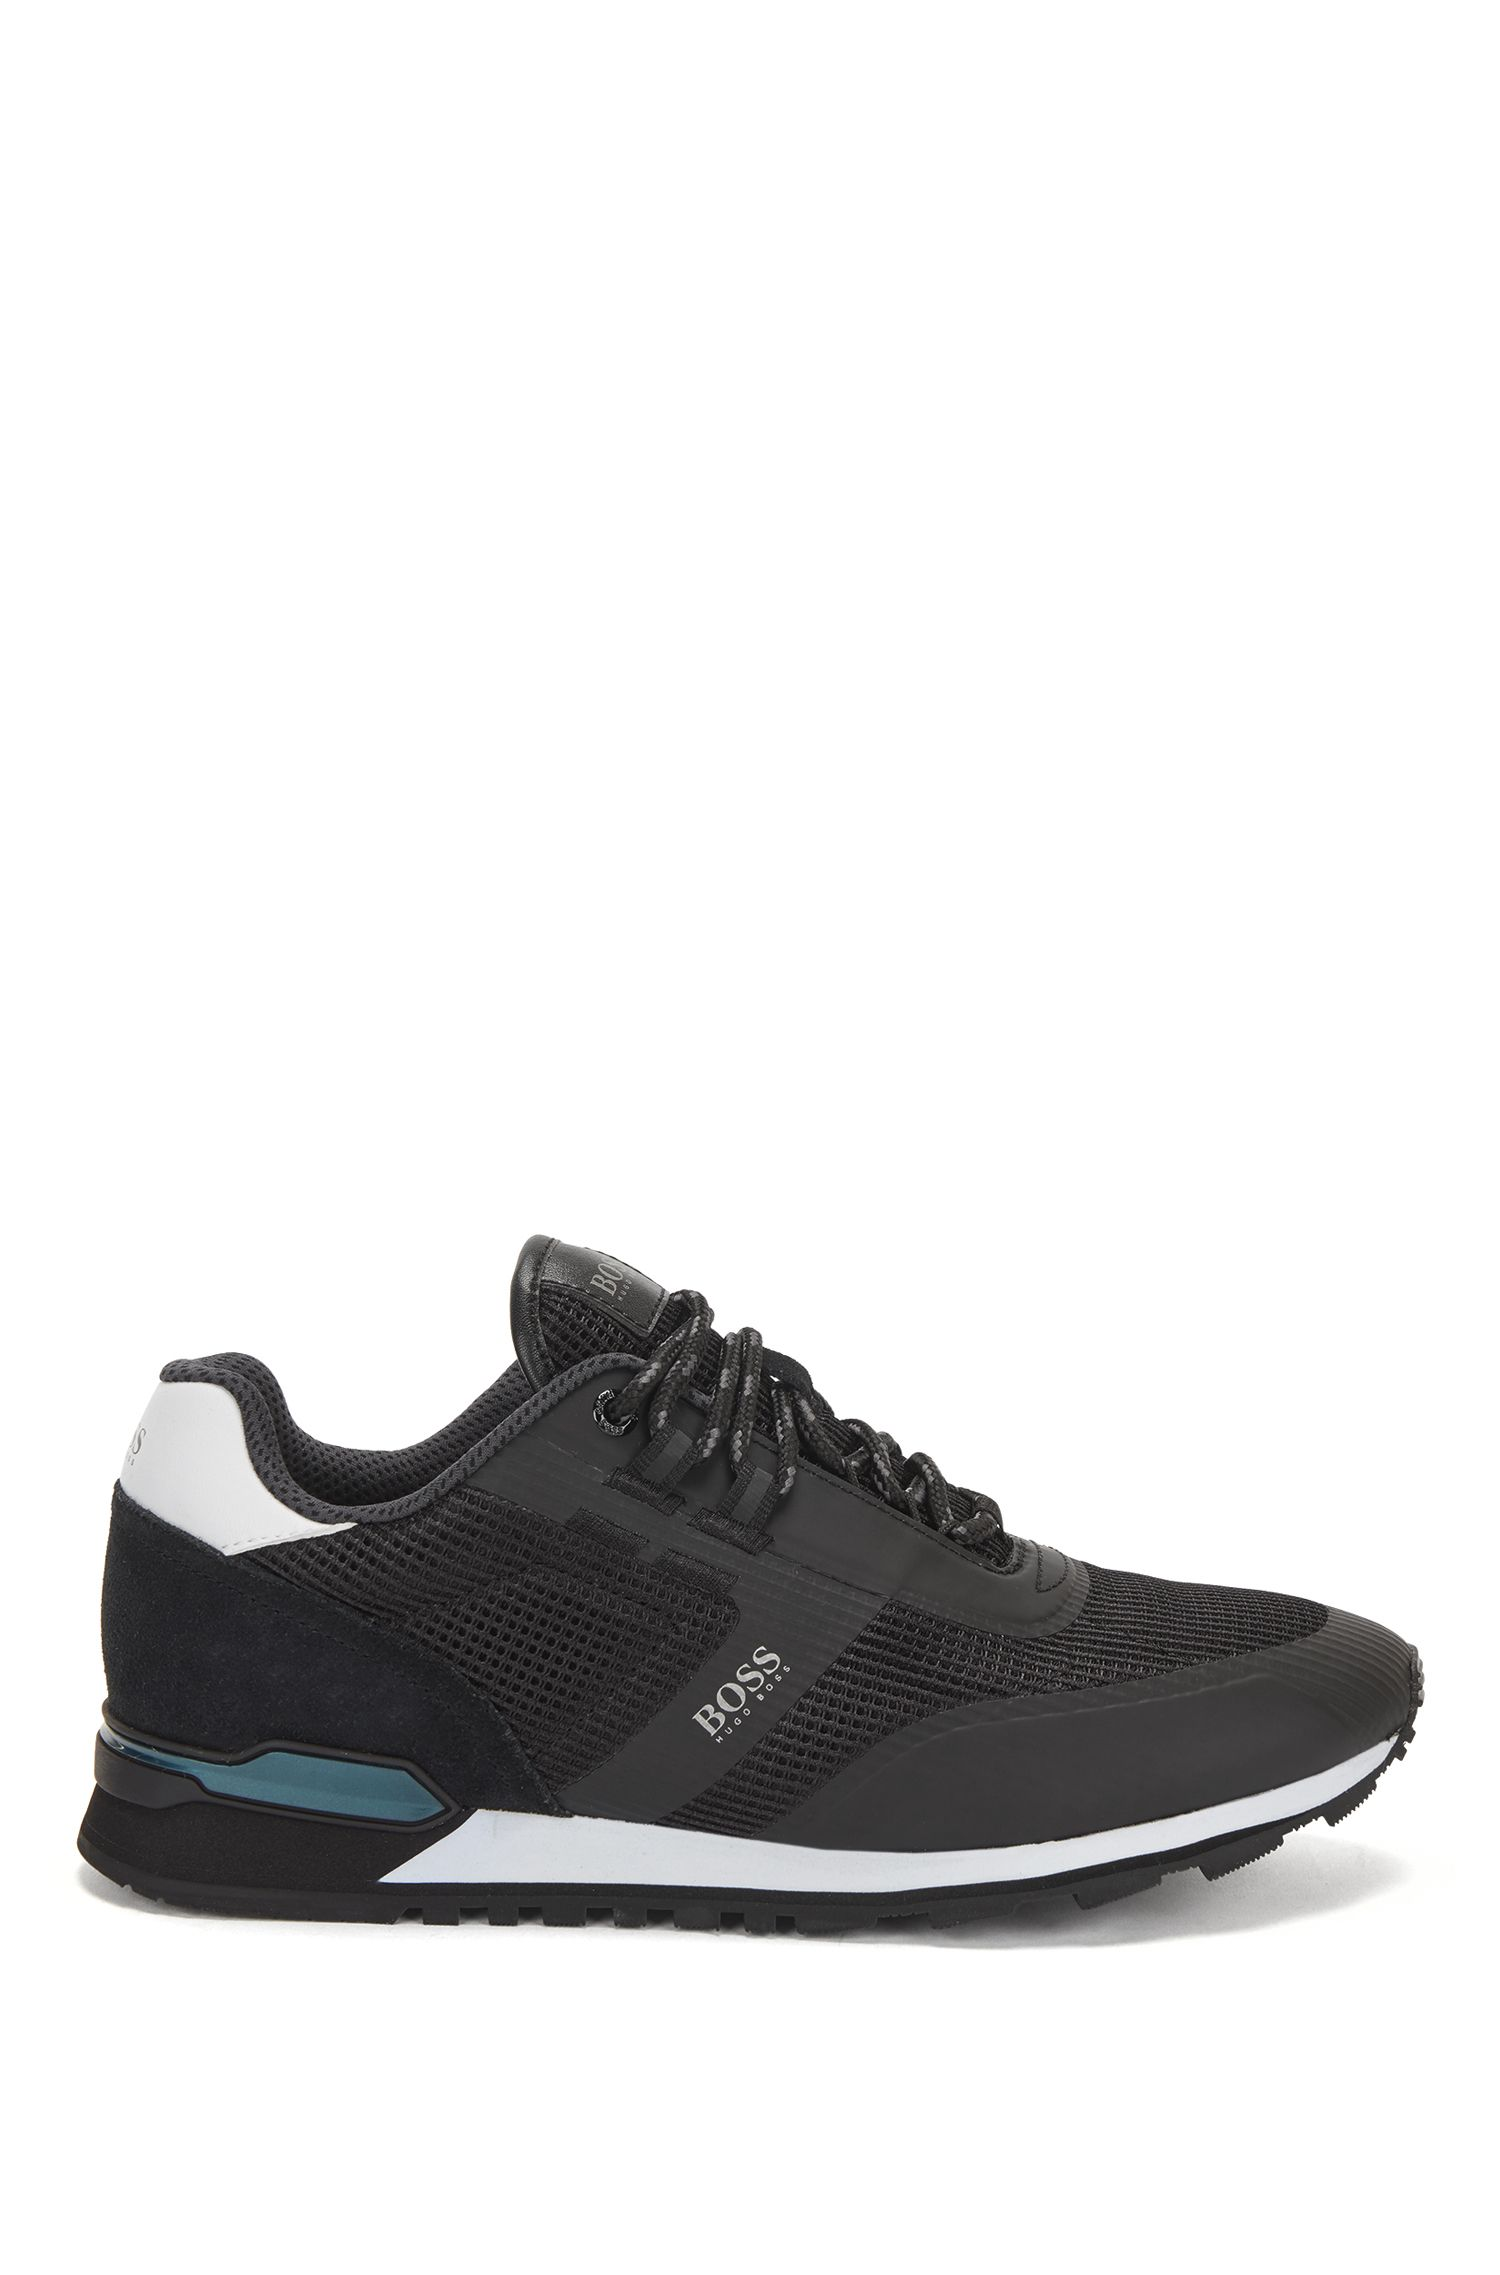 Hugo Boss Hybrid sneakers, black, 44